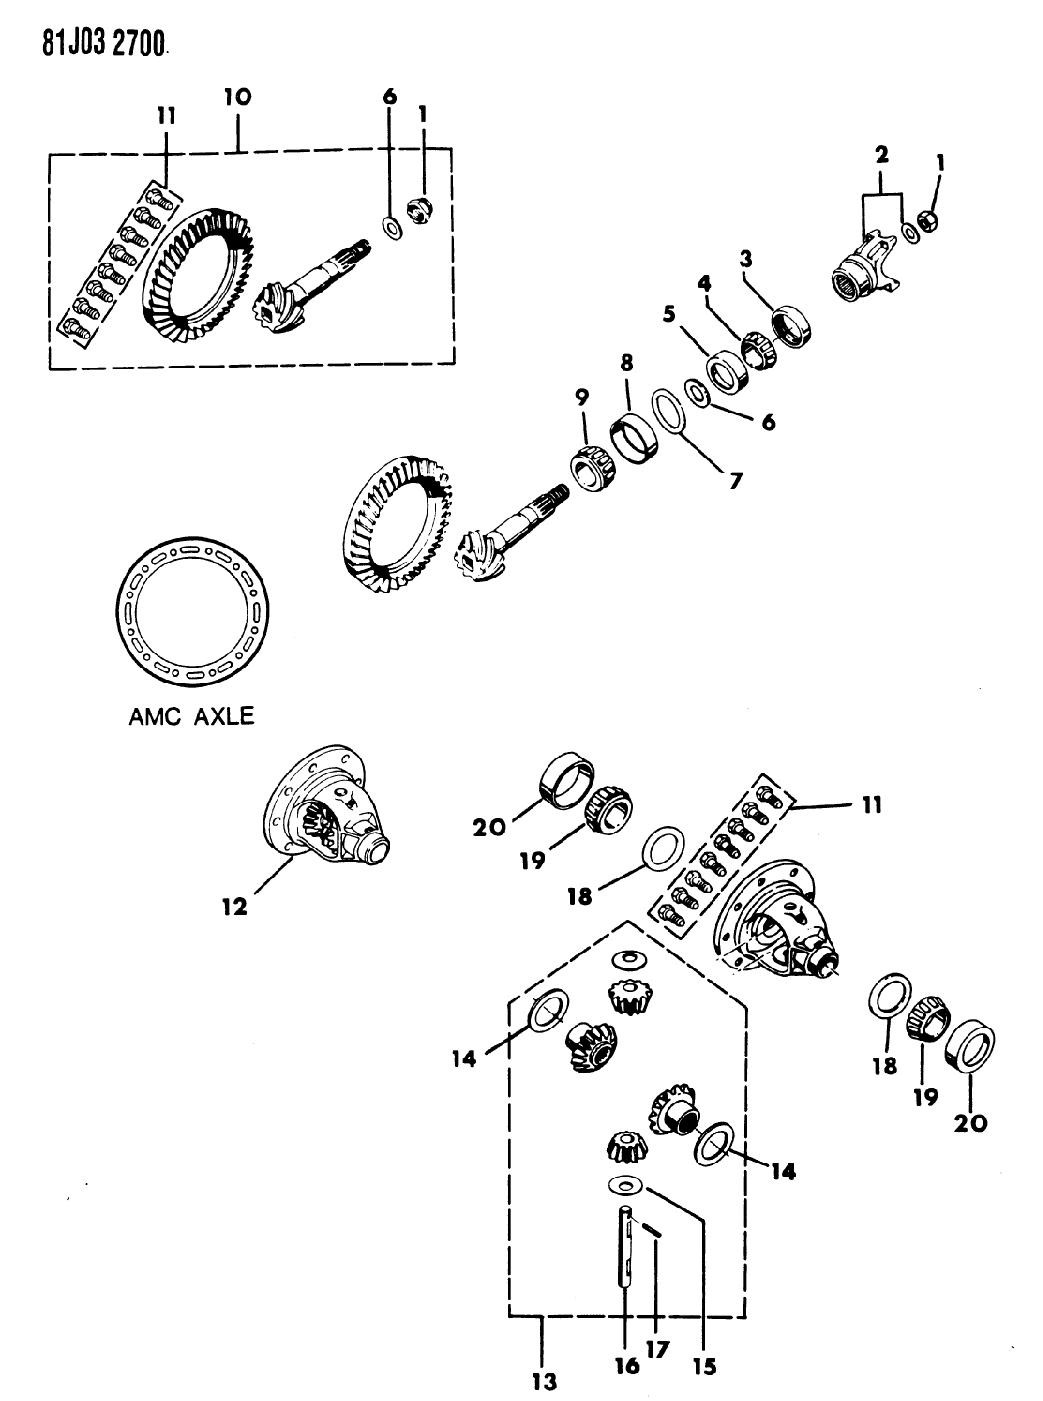 1986 Jeep J10 Differential Gears Mopar Parts Giant Diagram Thumbnail 1